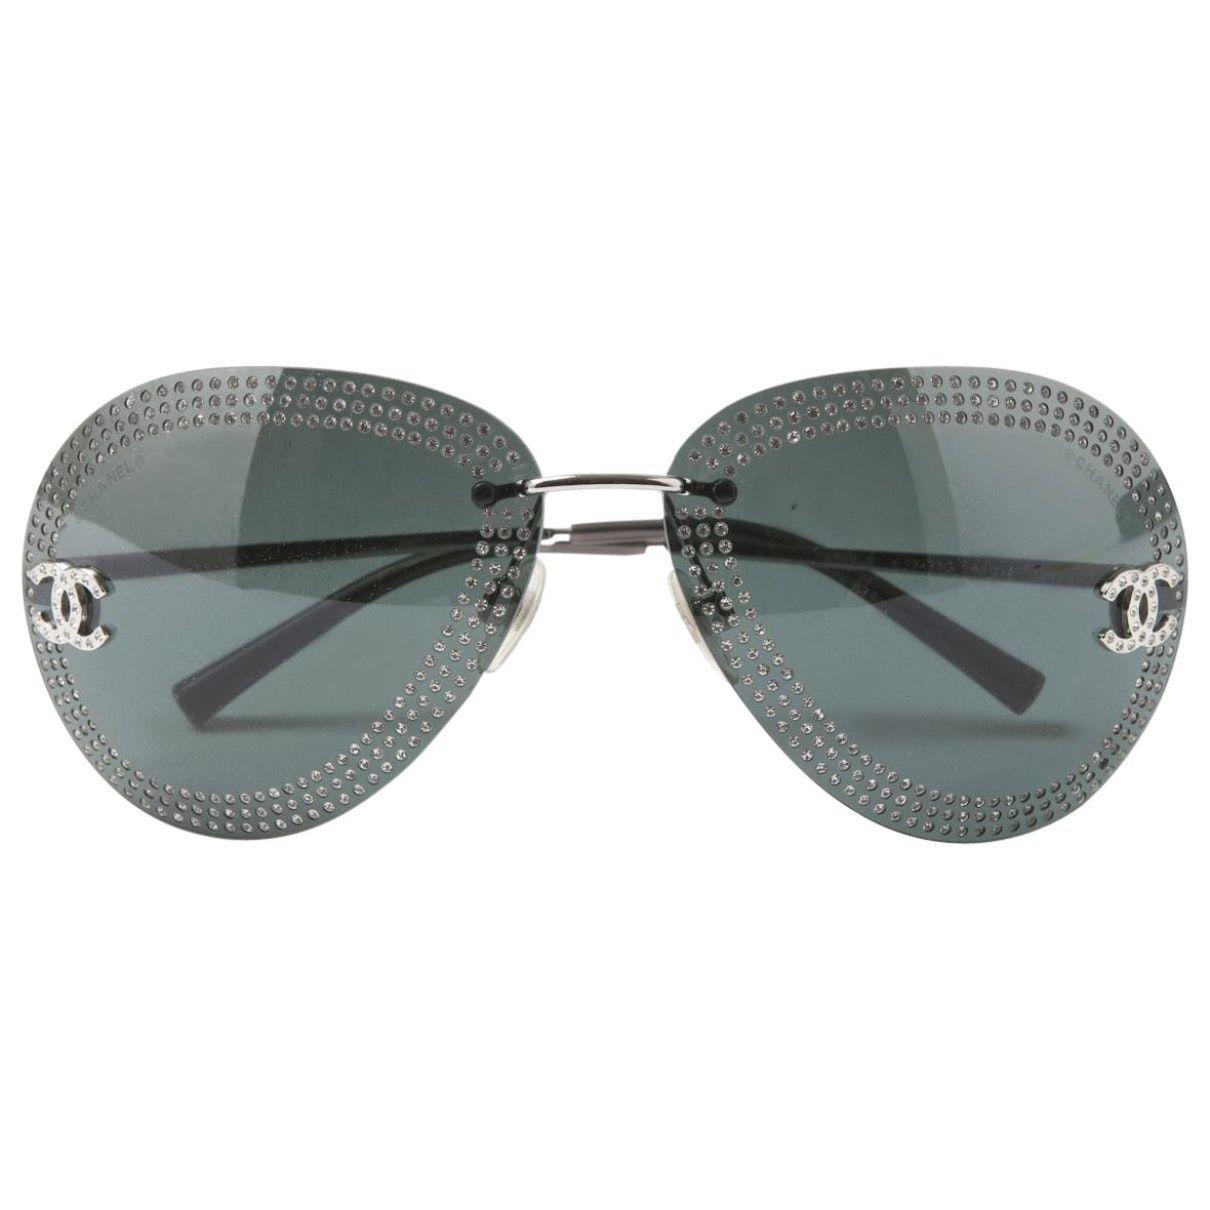 a554123b9a LUNETTES DE SOLEIL AVIATEUR CHANEL Chanel Sunglasses